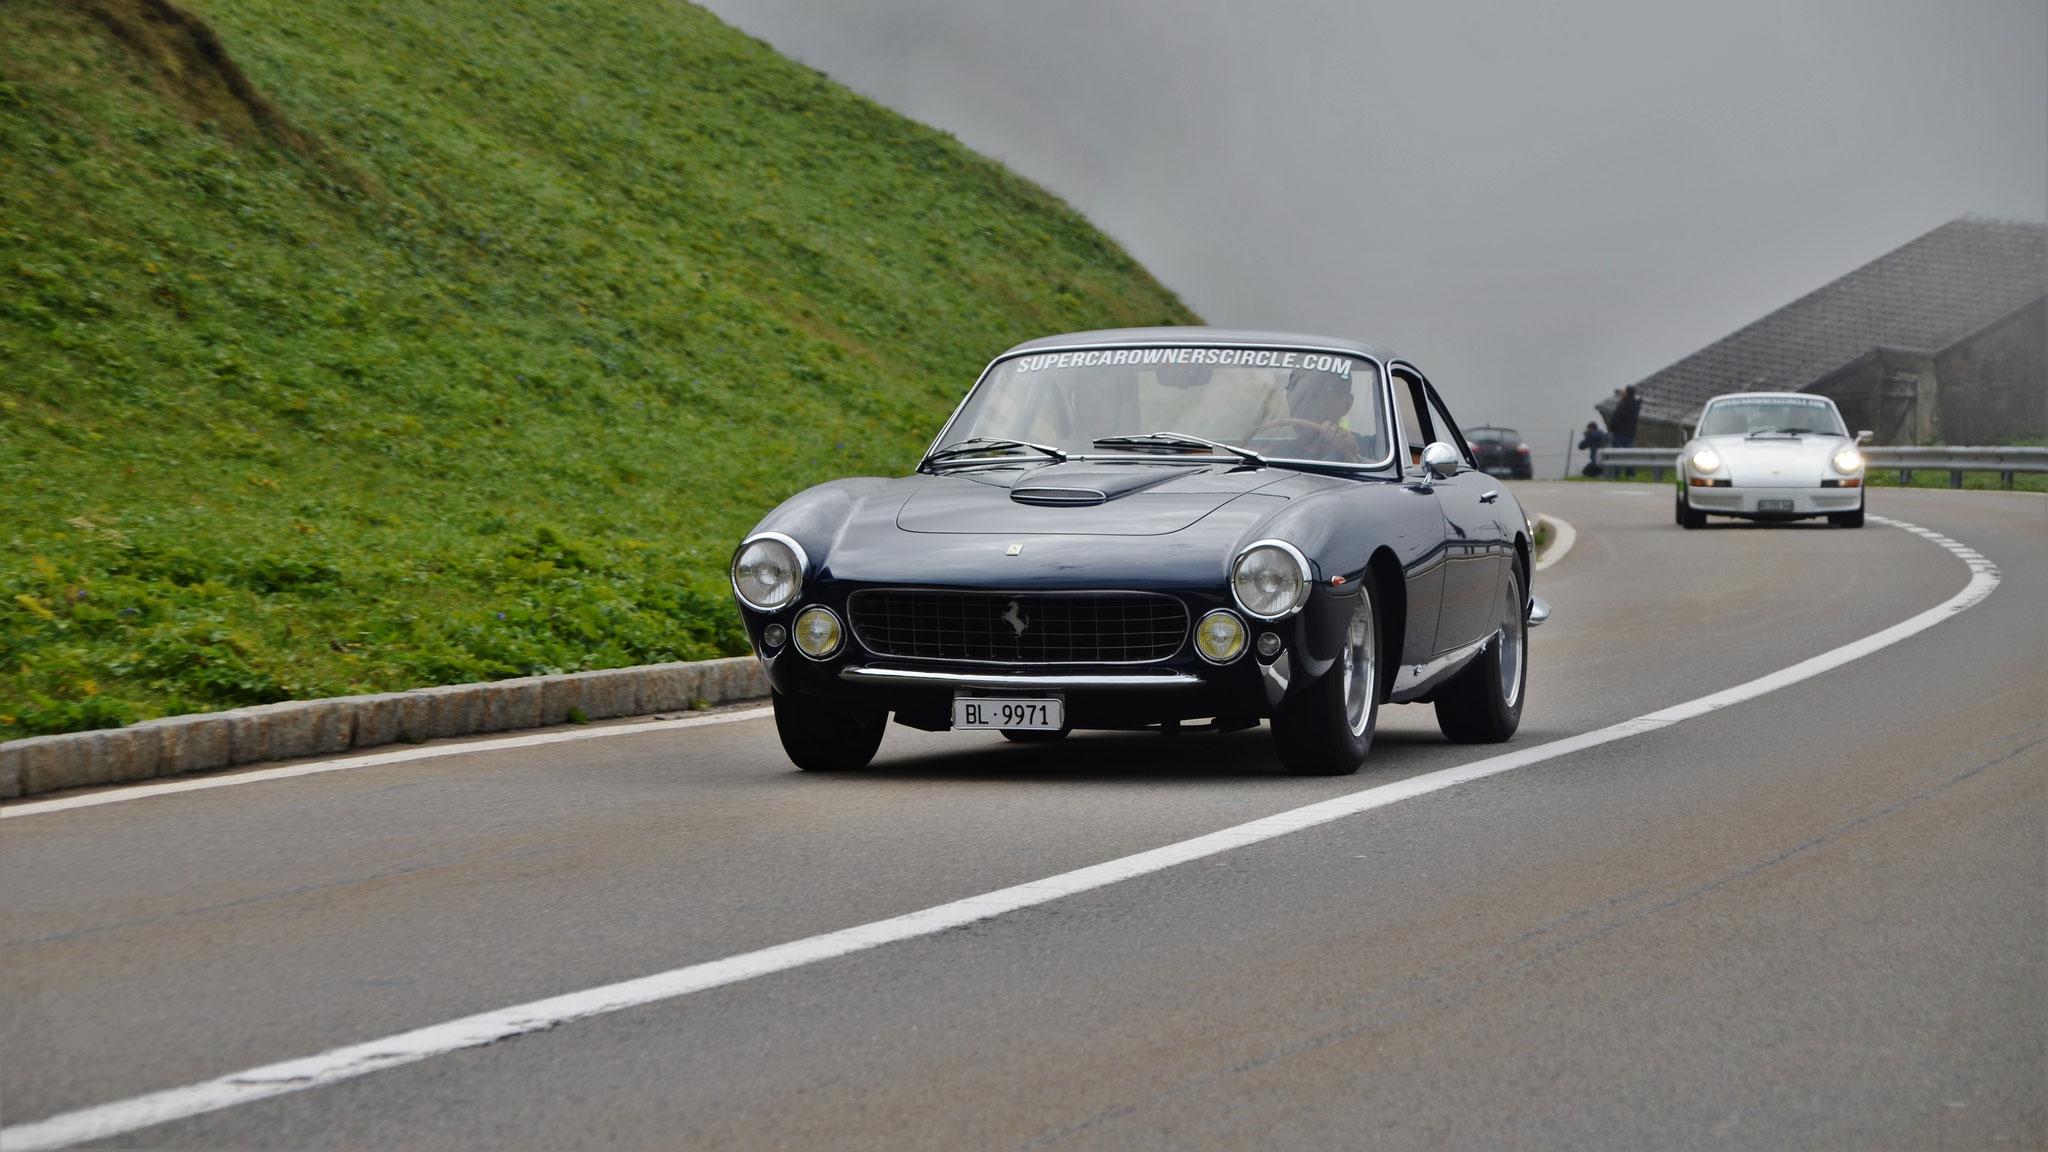 Ferrari 250 GT Lusso - BL-9971 (CH)